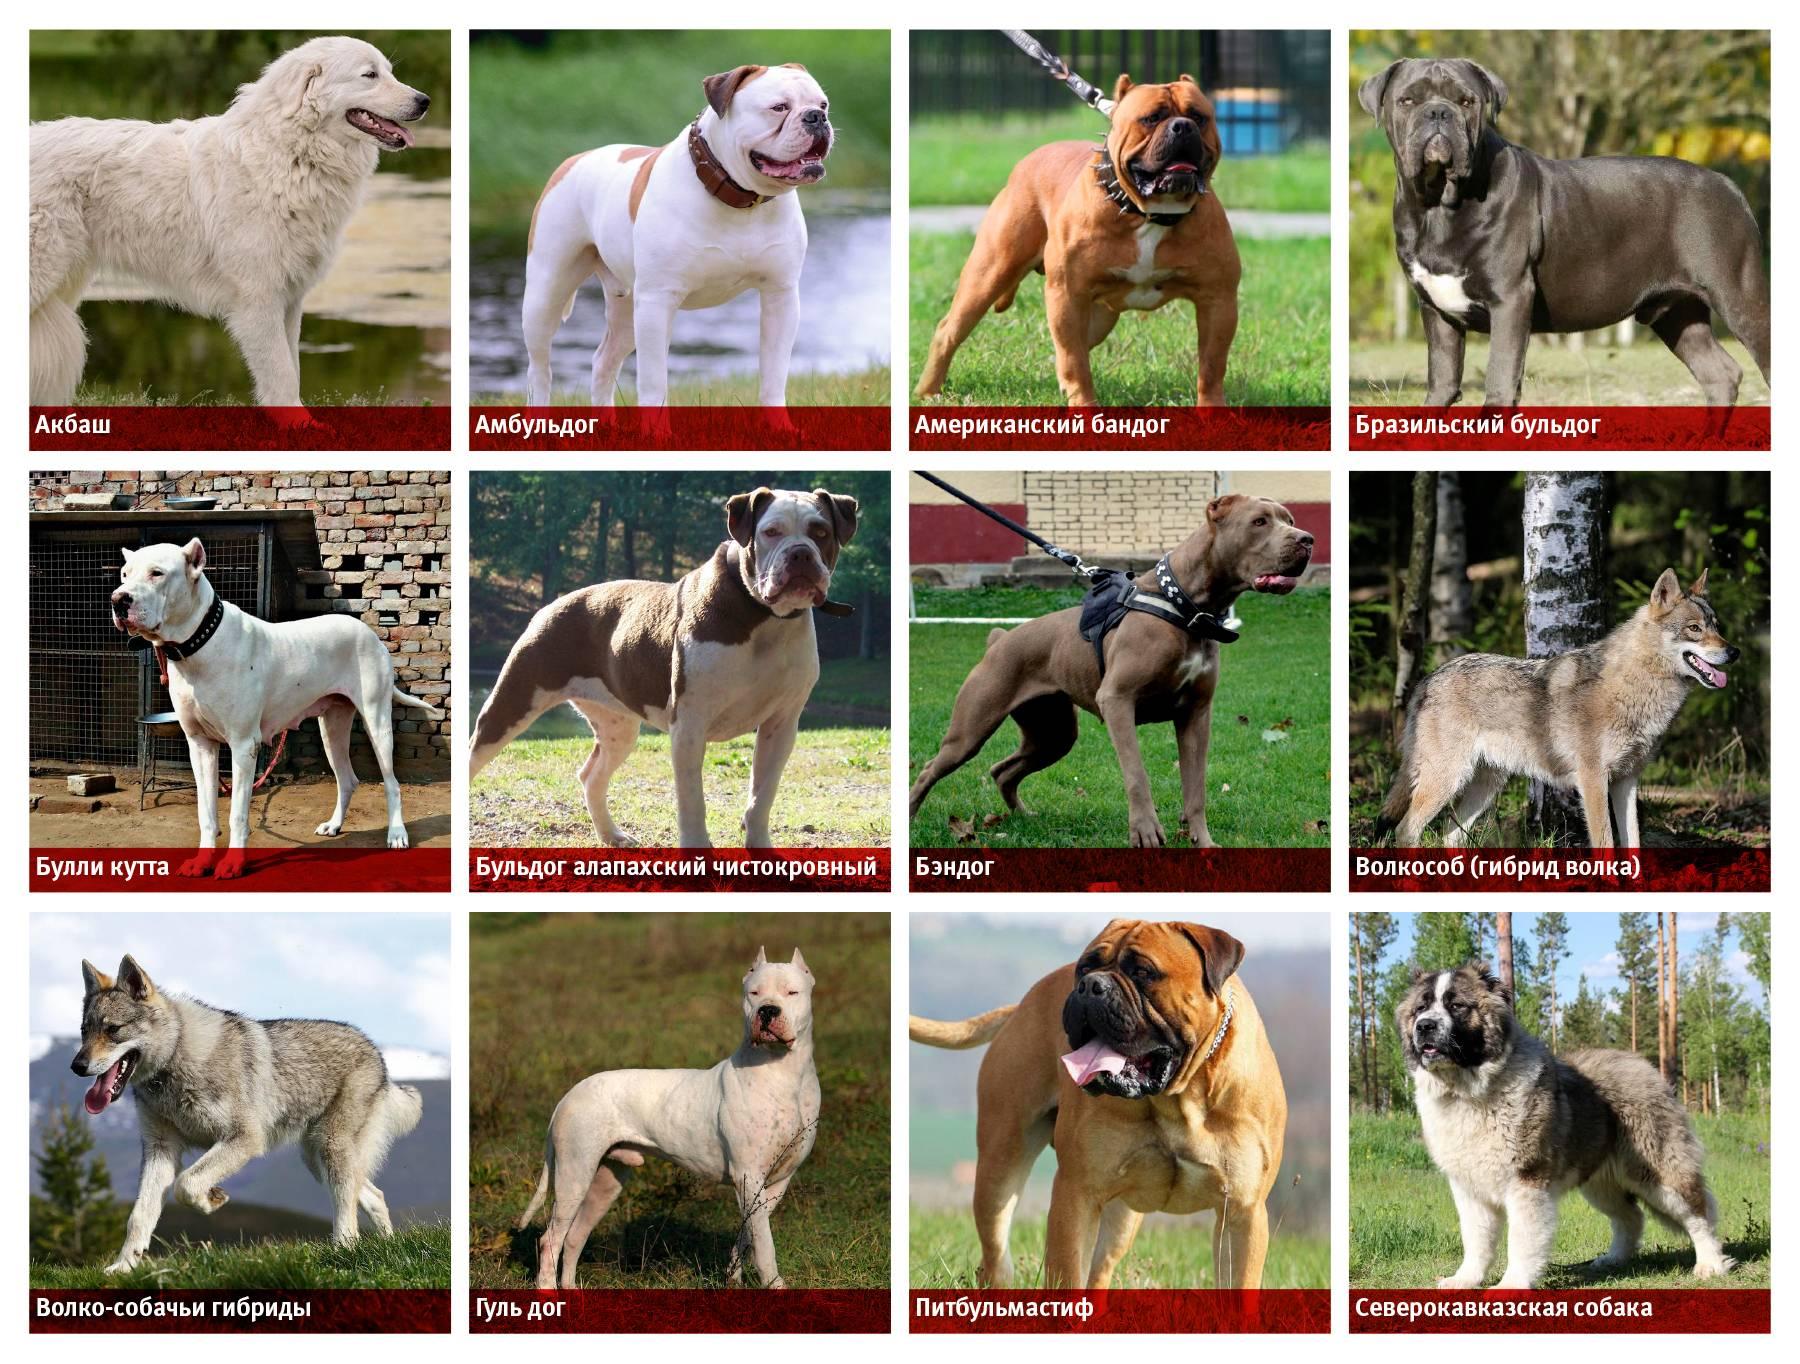 Официальный перечень потенциально опасных и запрещенных пород собак в россии